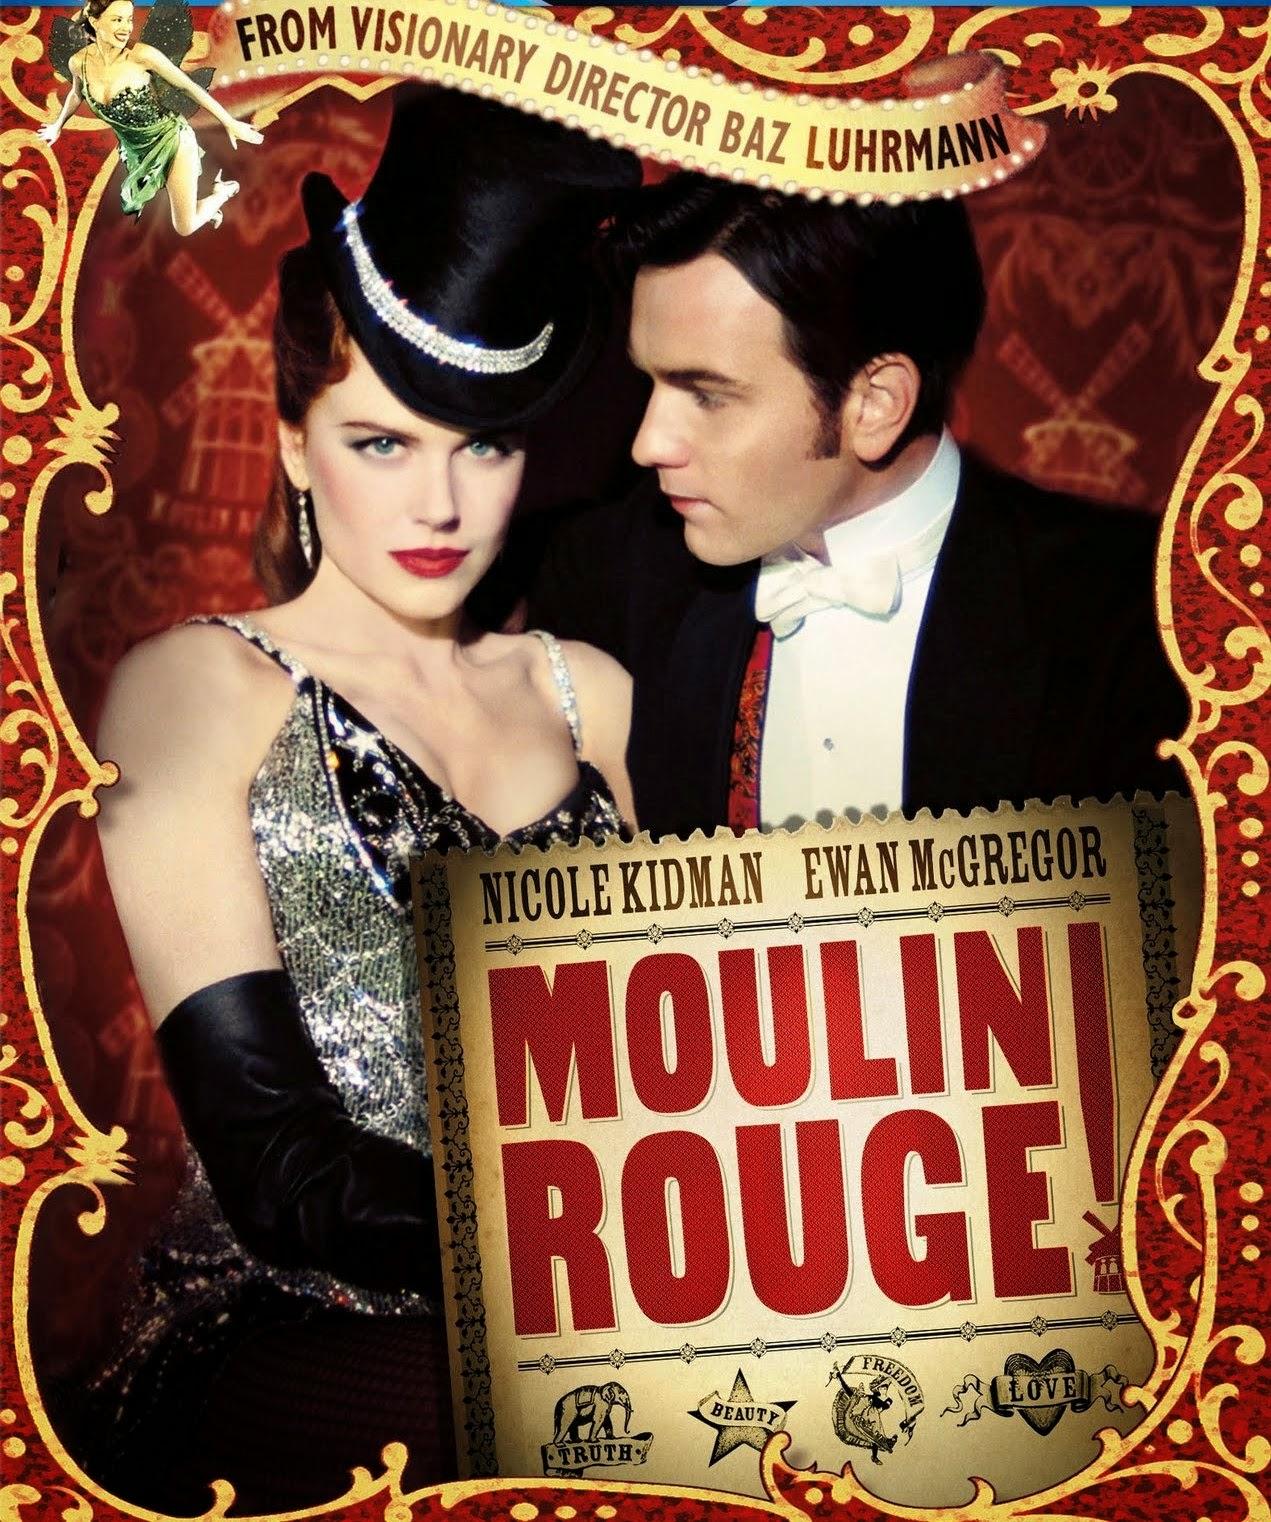 FILME] Moulin Rouge - Amor em vermelho, 2001 - Tudo que motiva